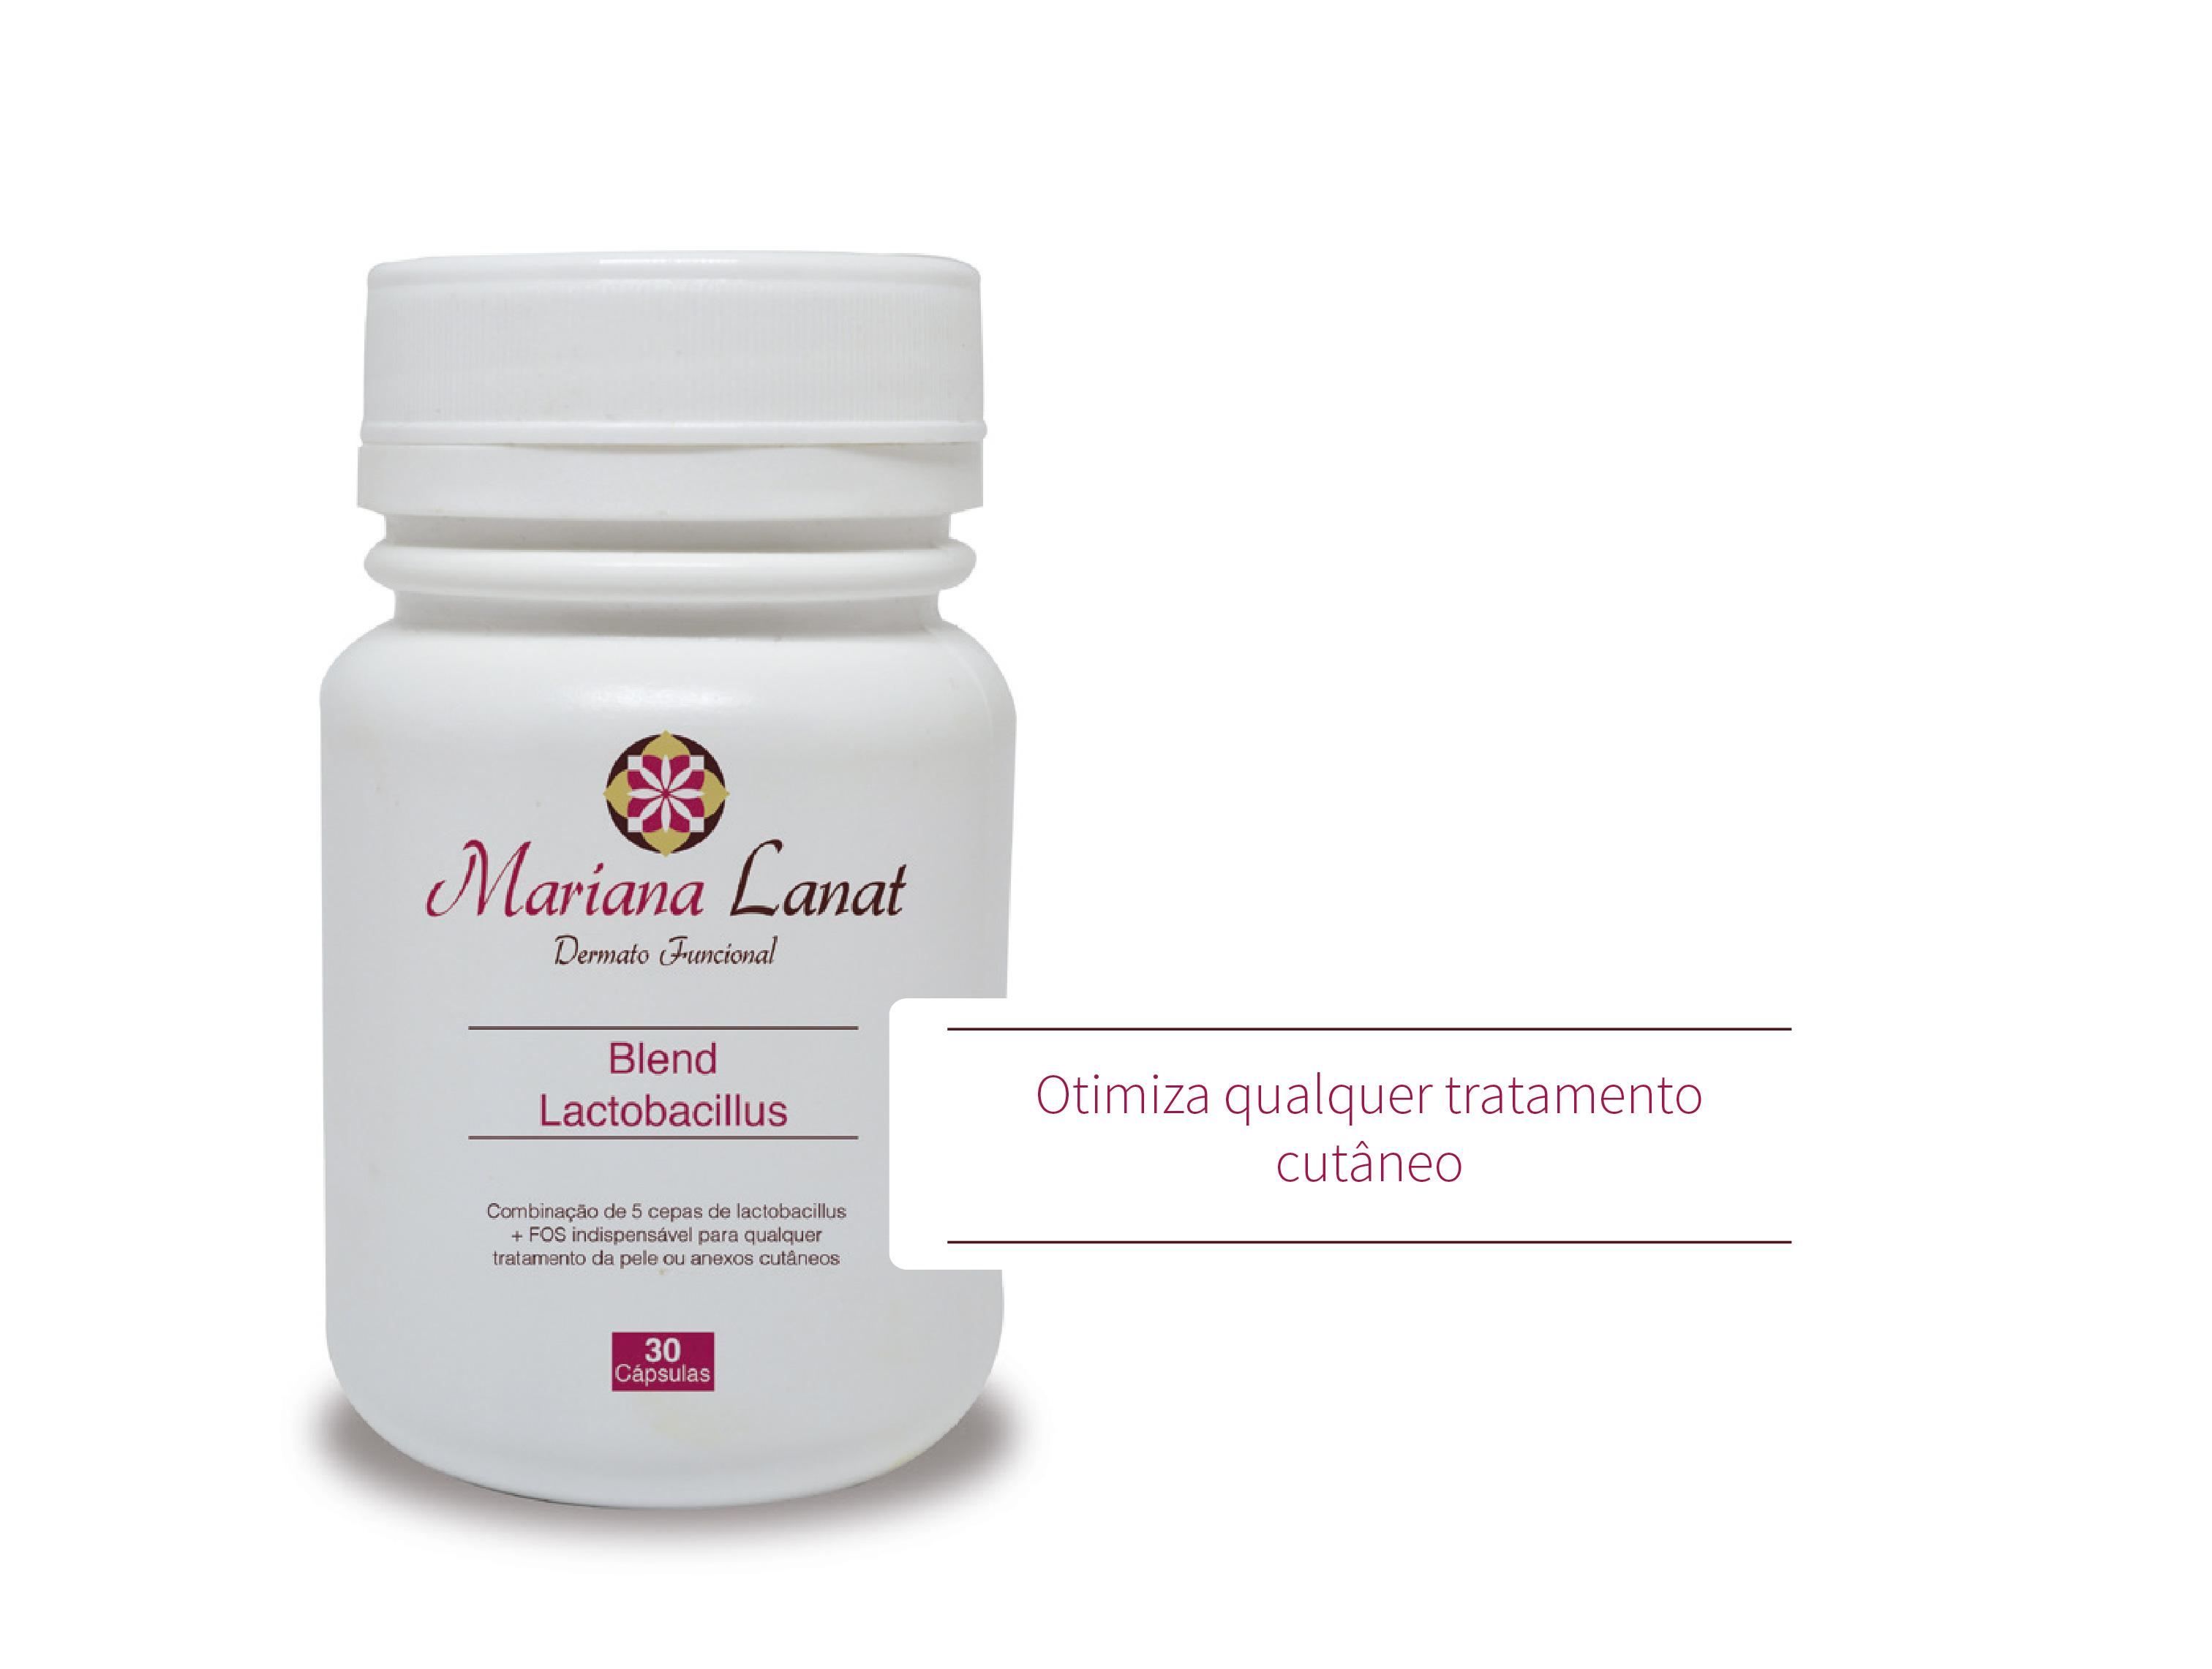 Combinação de 5 cepas de lactobacillus + FOS, para otimizar qualquer tratamento cutâneo.